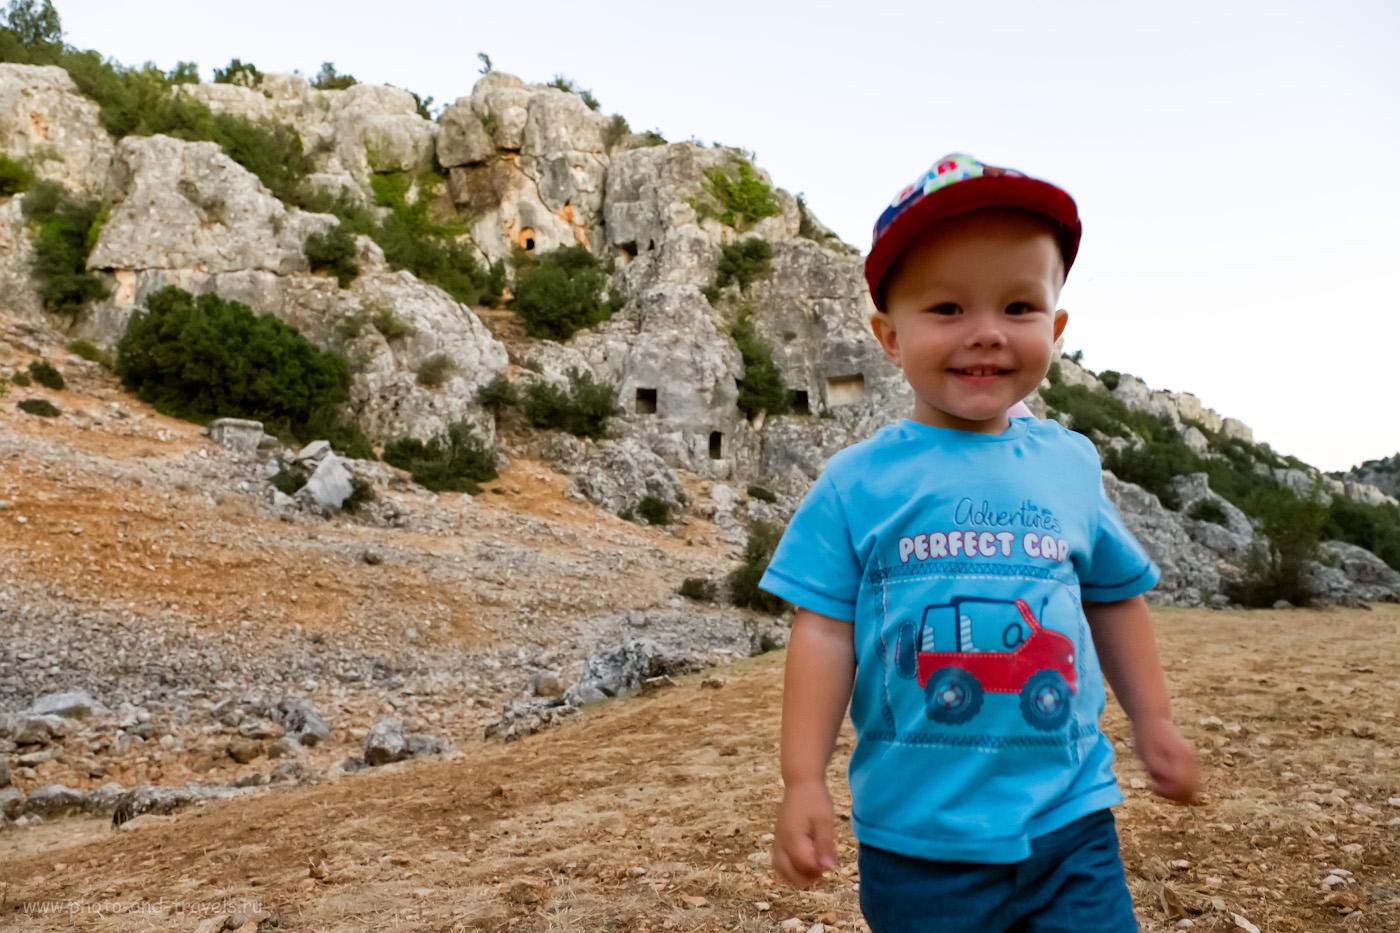 8. Гуляя по каньону, можно исследовать пещеры в его стенах. Поездка на авто из Мерсина. Ищем интересные достопримечательности. 1/60, 4.0, 2500, 16.